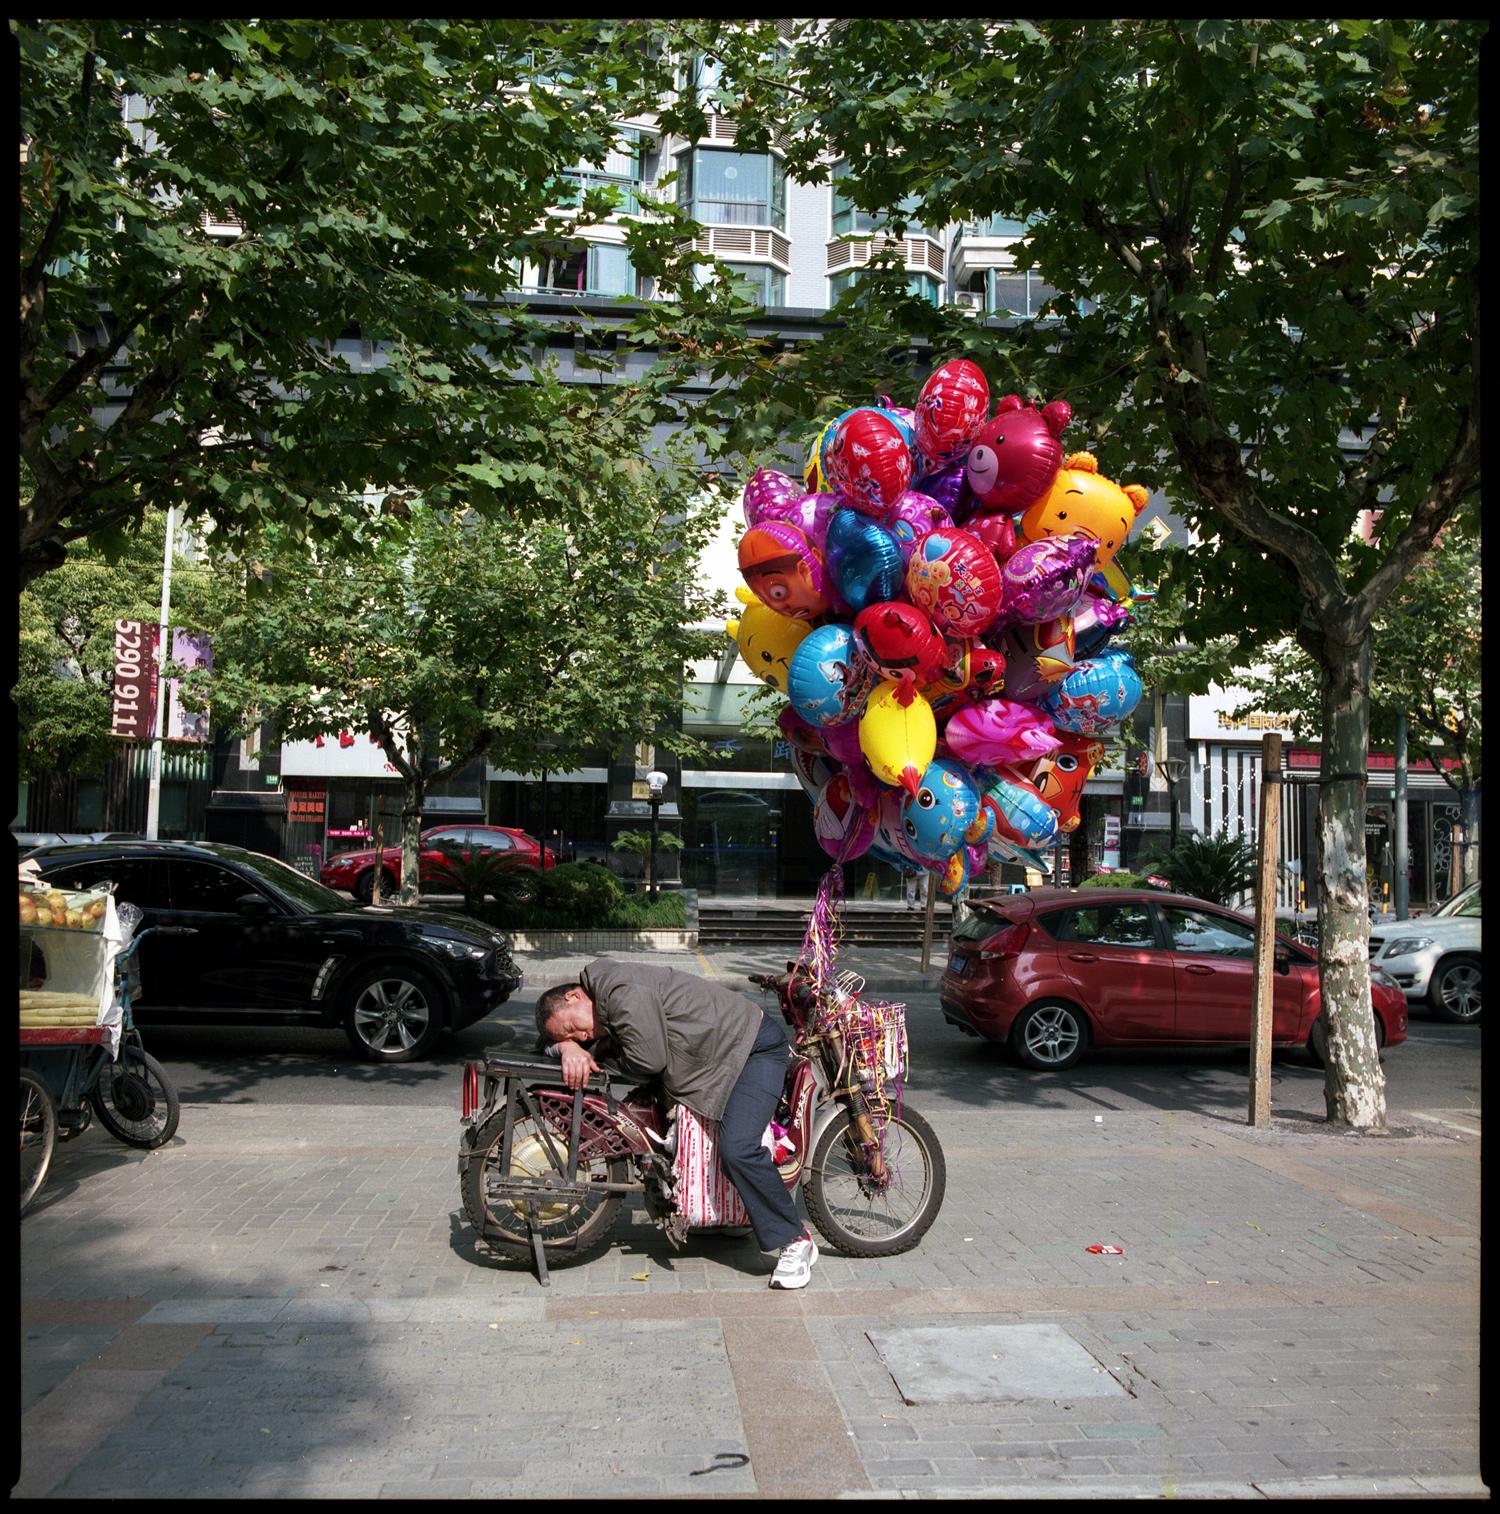 11-vendedor-de-baloes-sh.jpg